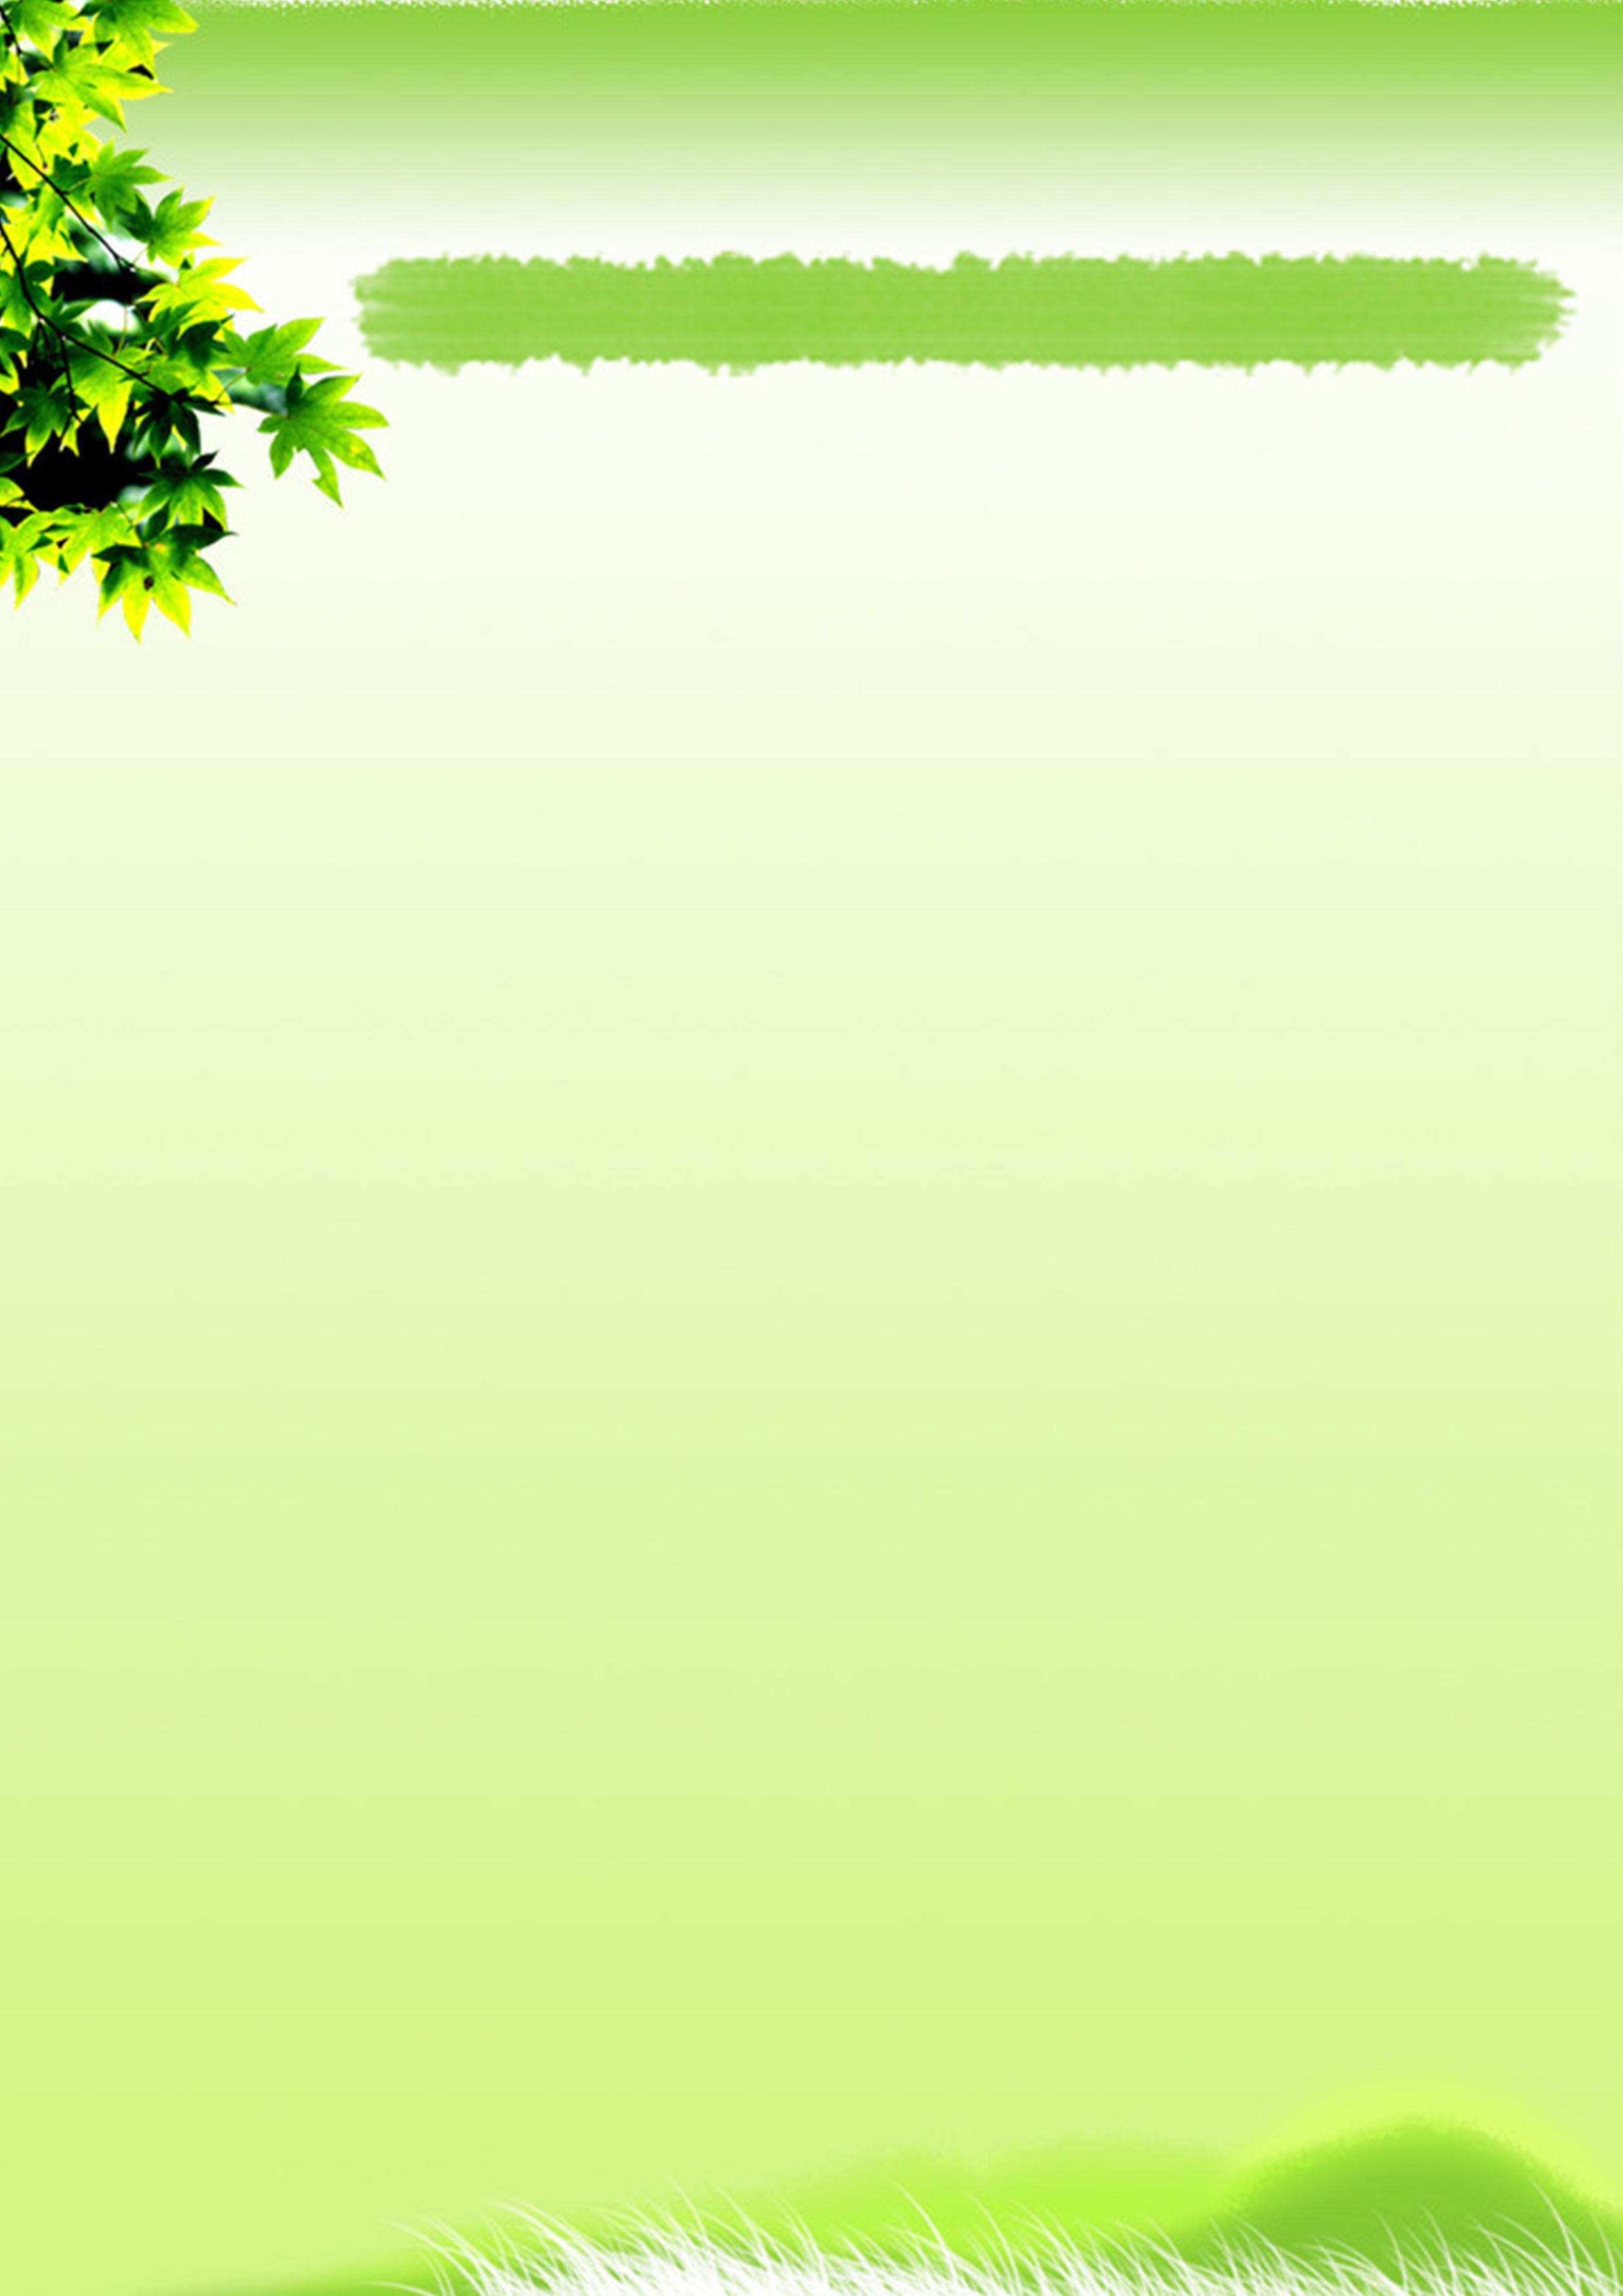 设计 矢量 矢量图 素材 2480_3508 竖版 竖屏图片